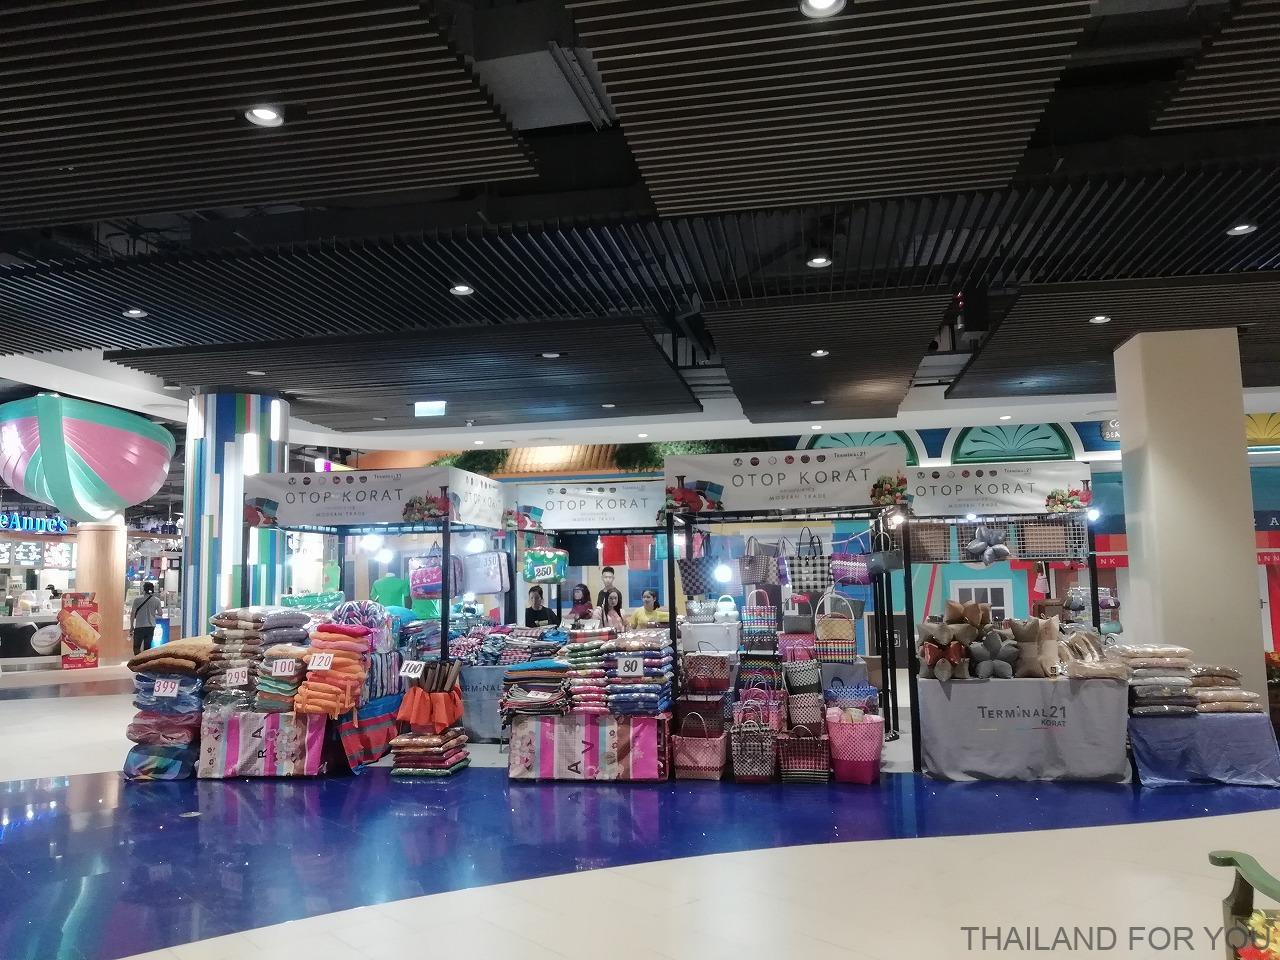 ターミナル21 コラート カリビアン 写真 画像